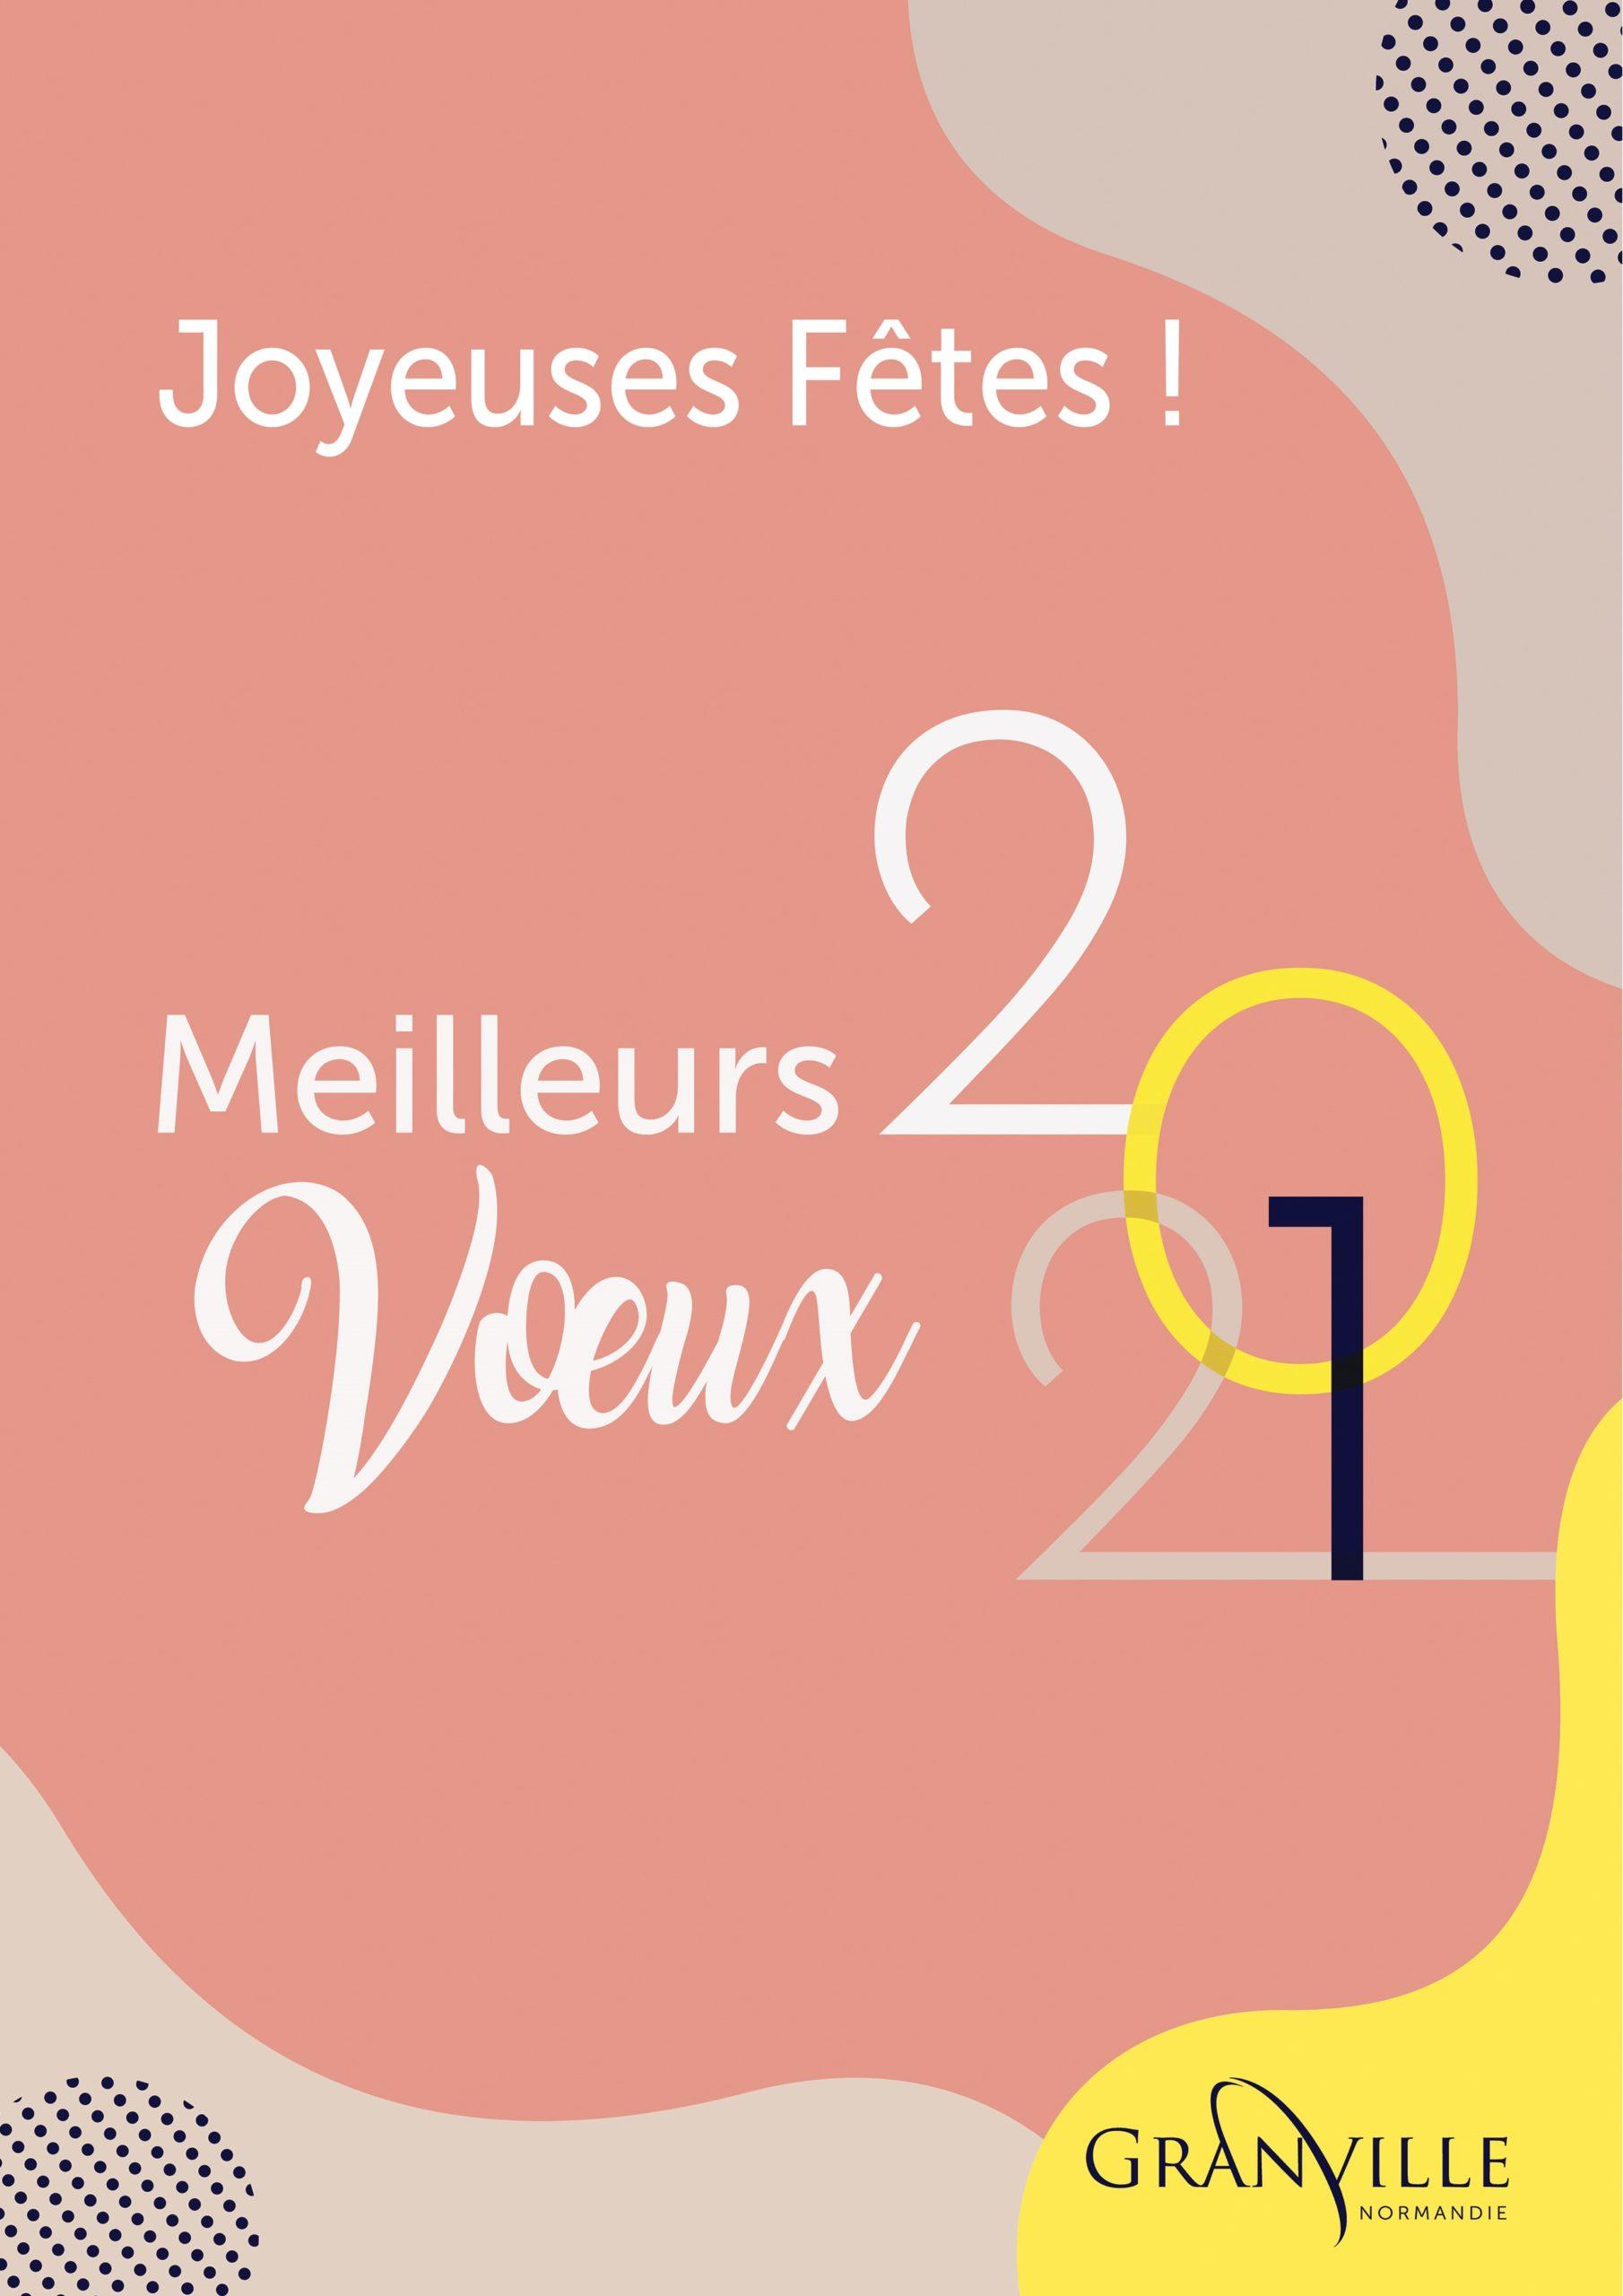 Joyeuses Fêtes et Meilleurs Vœux 2021 !